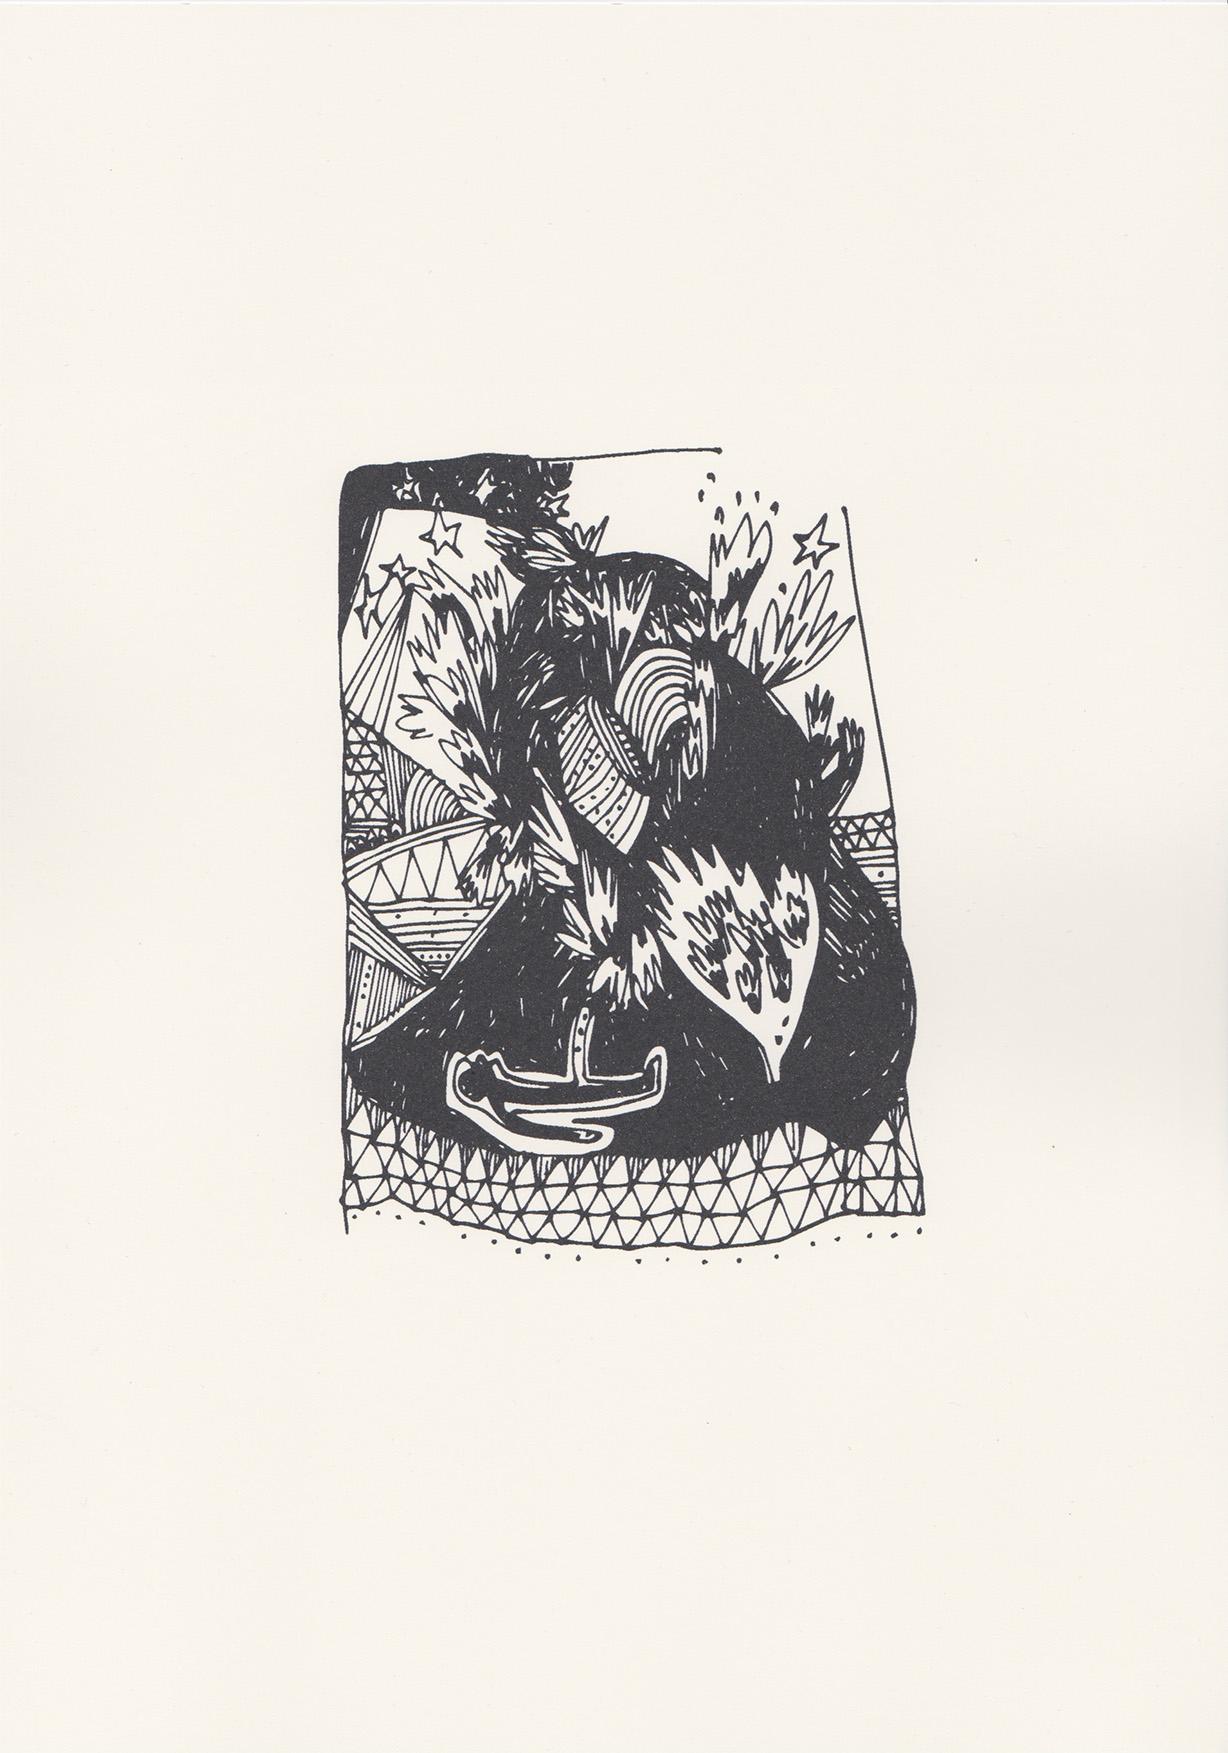 Éjaculation, dessin au feutre, 2013